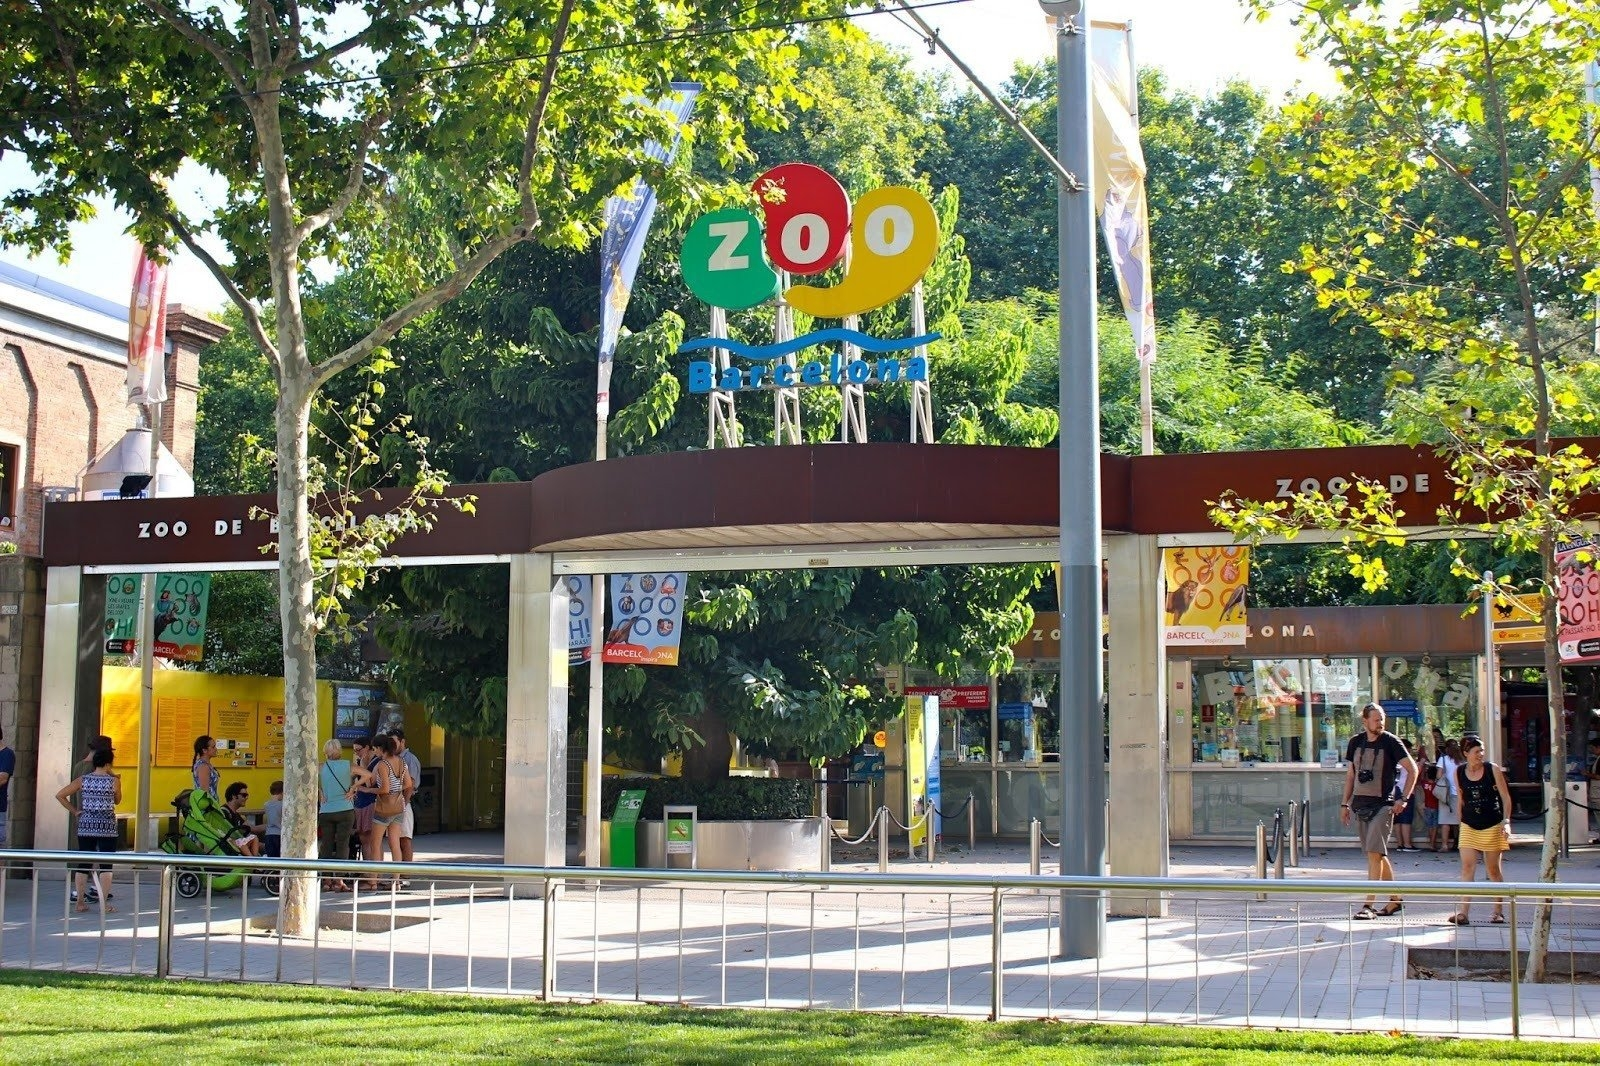 إسبانيا برشلونة اهم الاماكن السياحية حديقة حيوان برشلونة